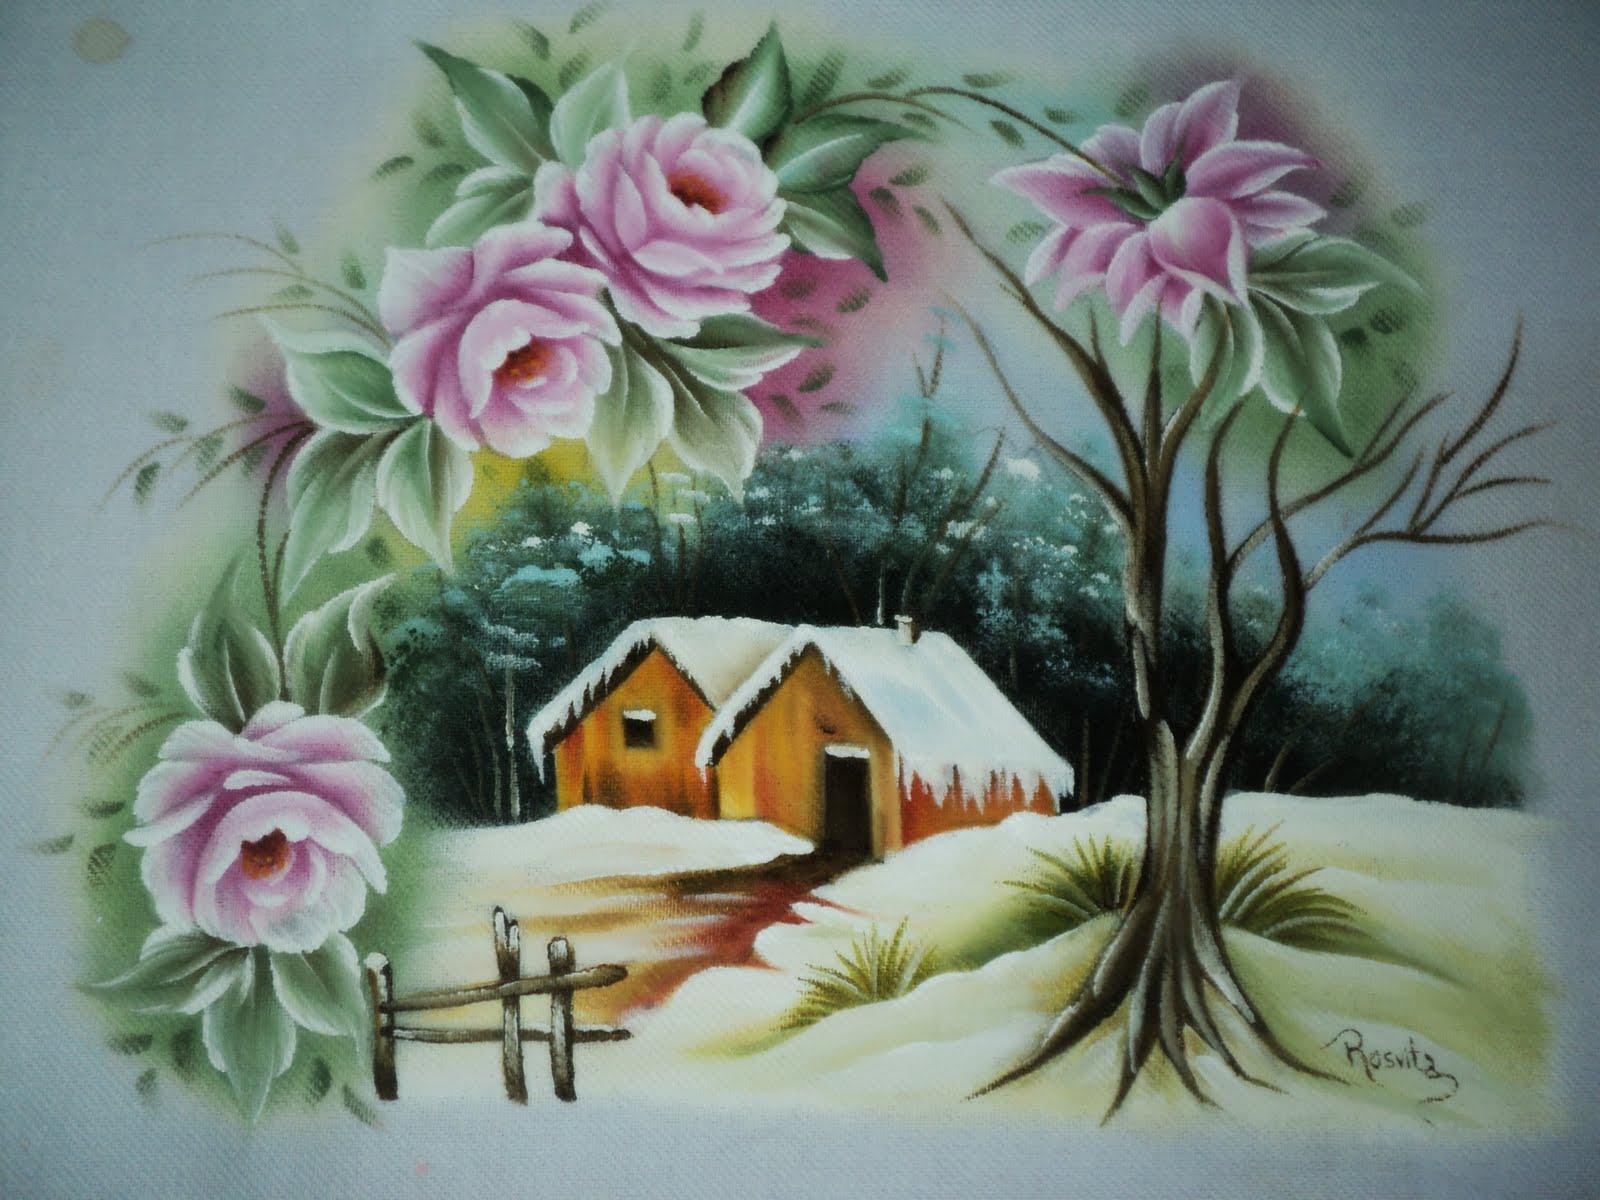 Rosvita artes pintura em tecidos e emborrachados pano - Pintura en tela dibujos ...